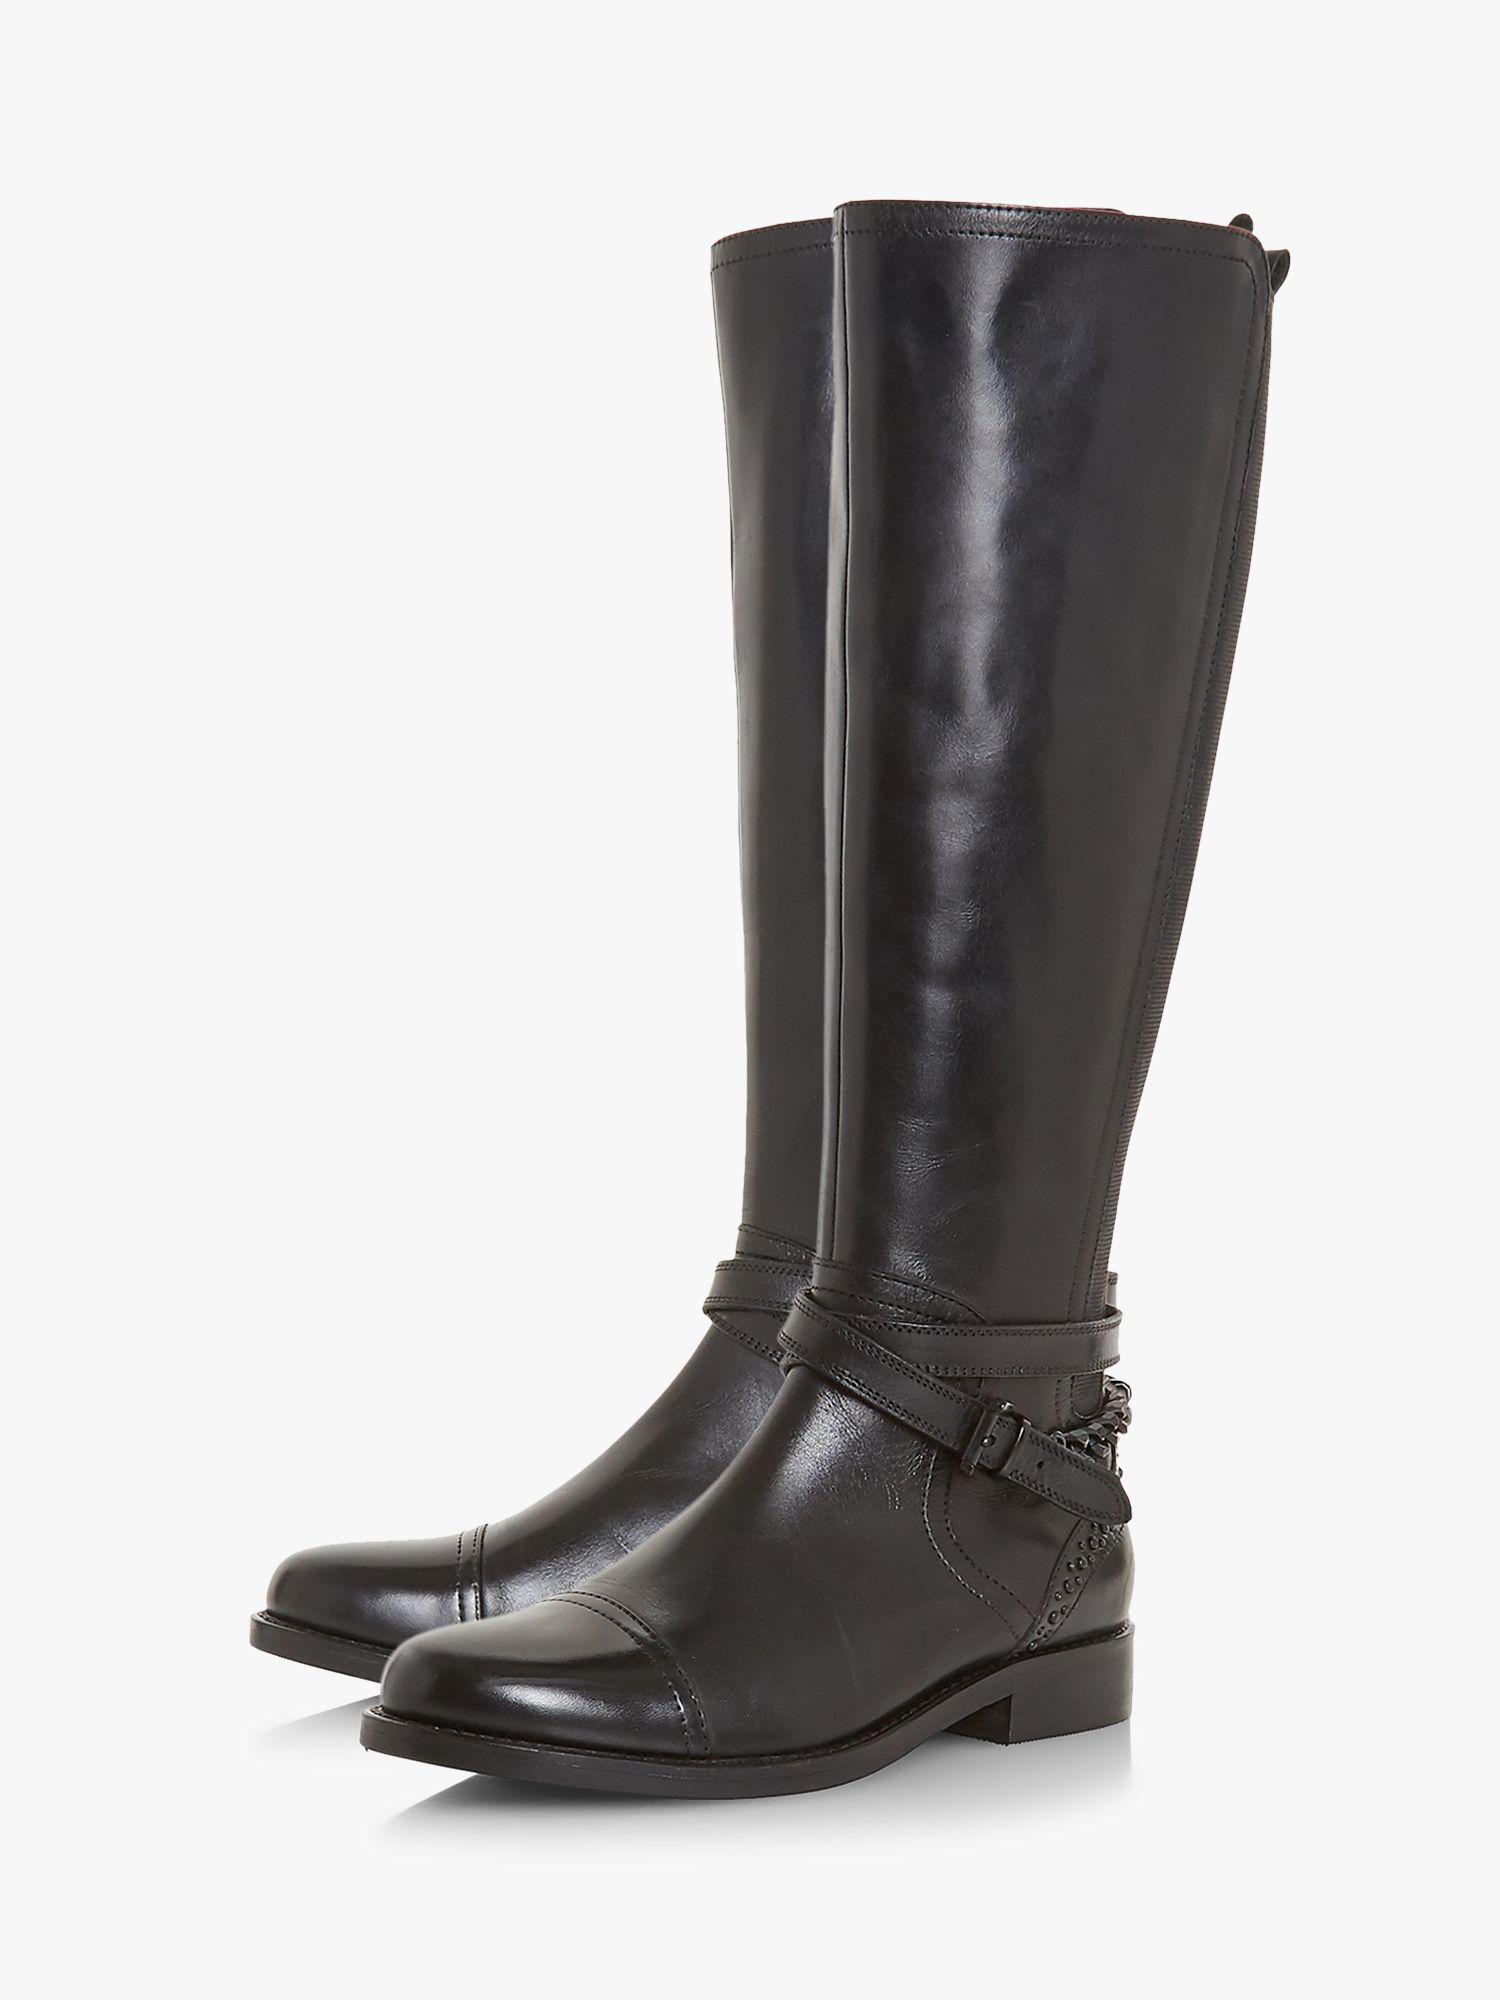 6869c0856cd Bertie Taykoda Knee High Boots in Black - Lyst